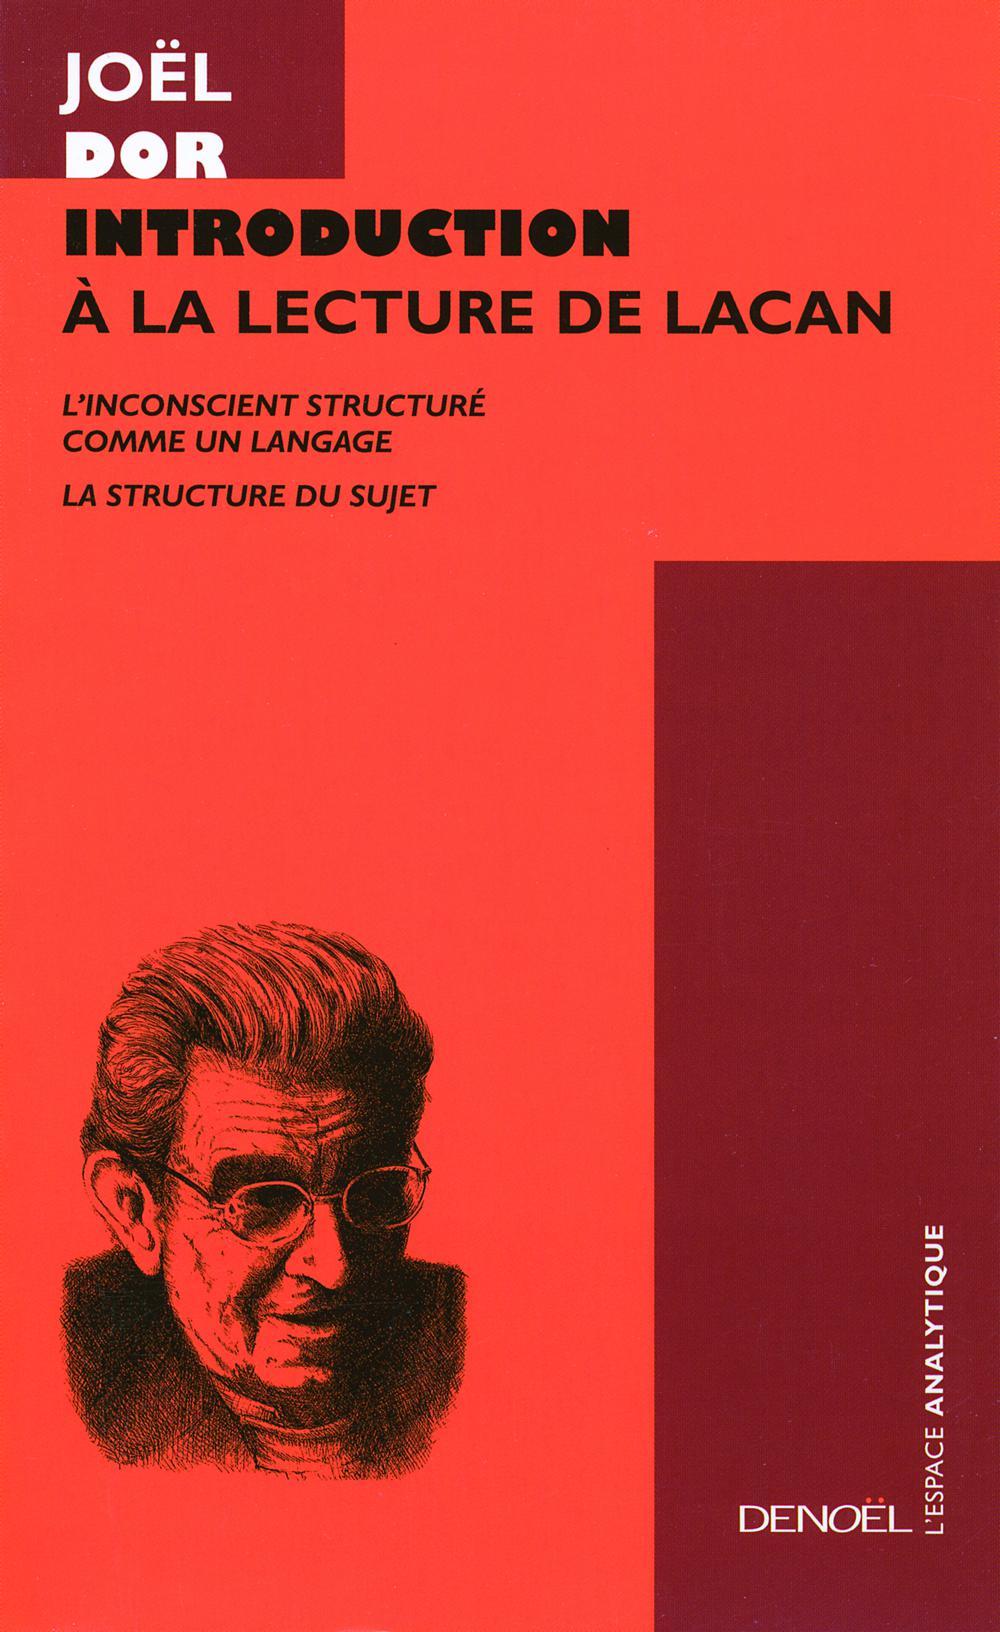 Introduction à la lecture de Lacan